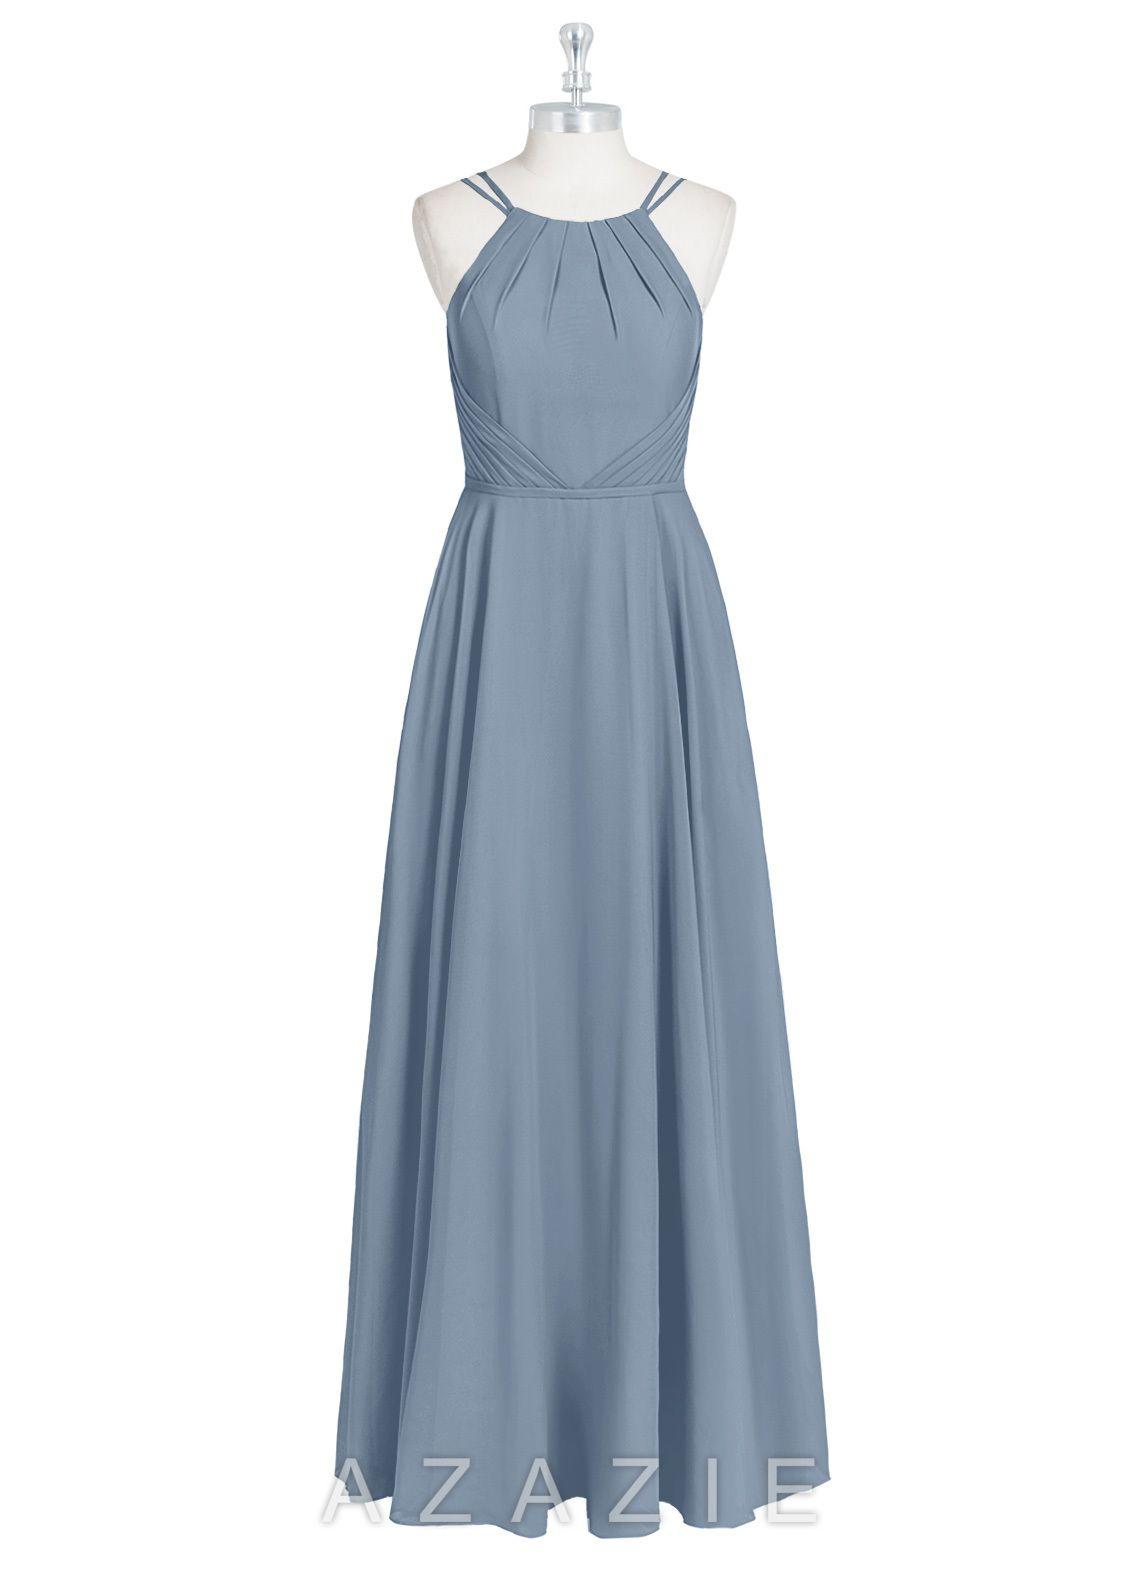 af01923ec8 Cute waist cinching and pockets! Azazie Melinda Bridesmaid Dress - Dusty  Blue